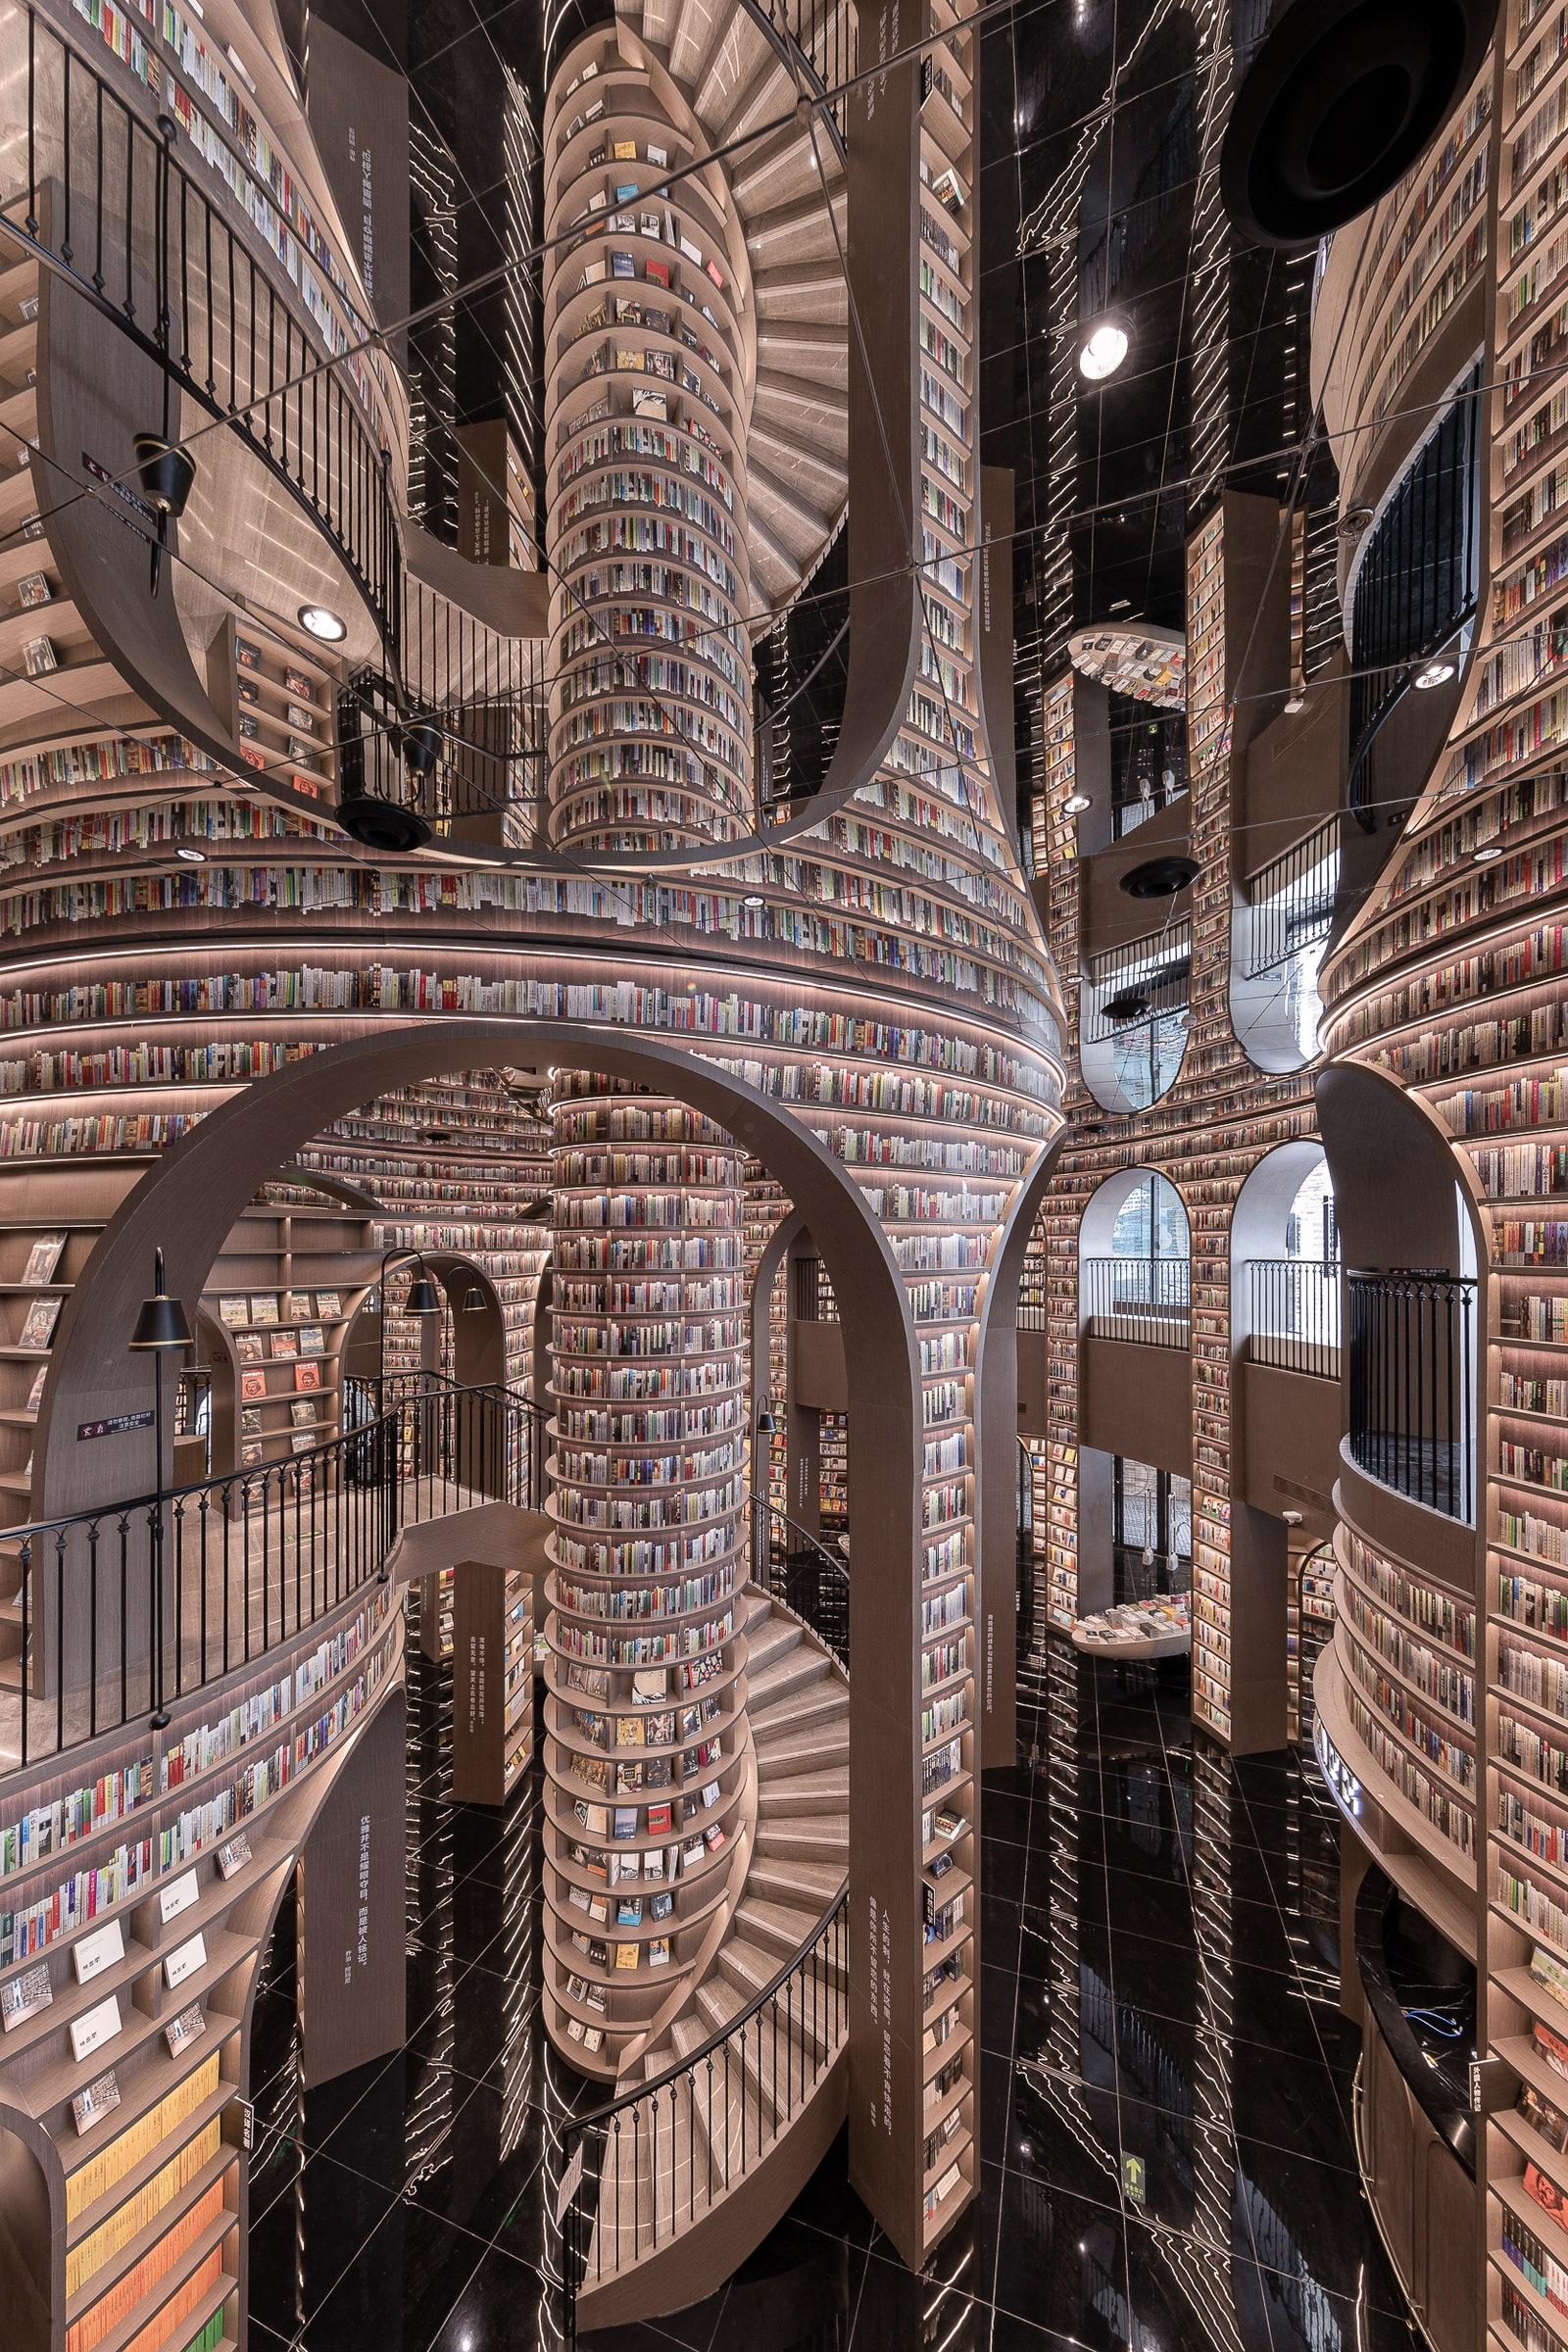 Книги від підлоги до стелі: у Китаї відкрився книжковий магазин із неймовірним інтер'єром - фото 3